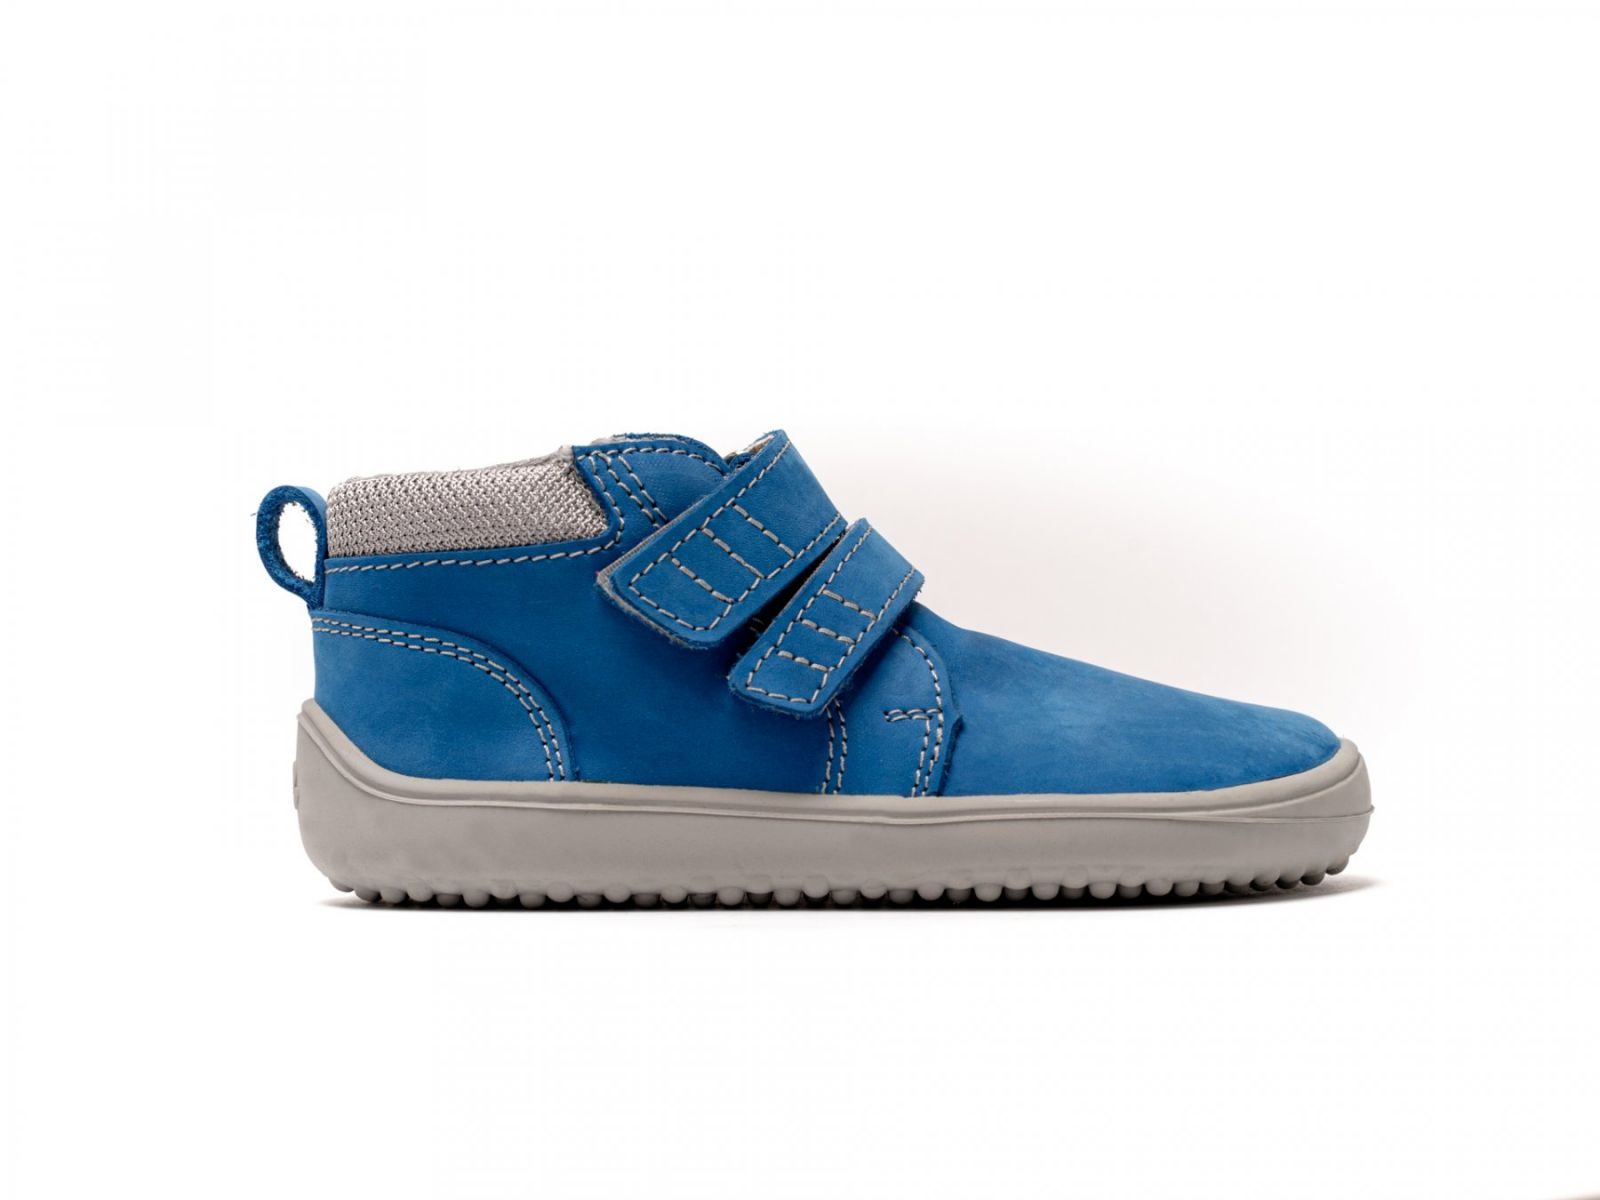 Barefoot Dětské barefoot boty Be Lenka Play - All Azure bosá